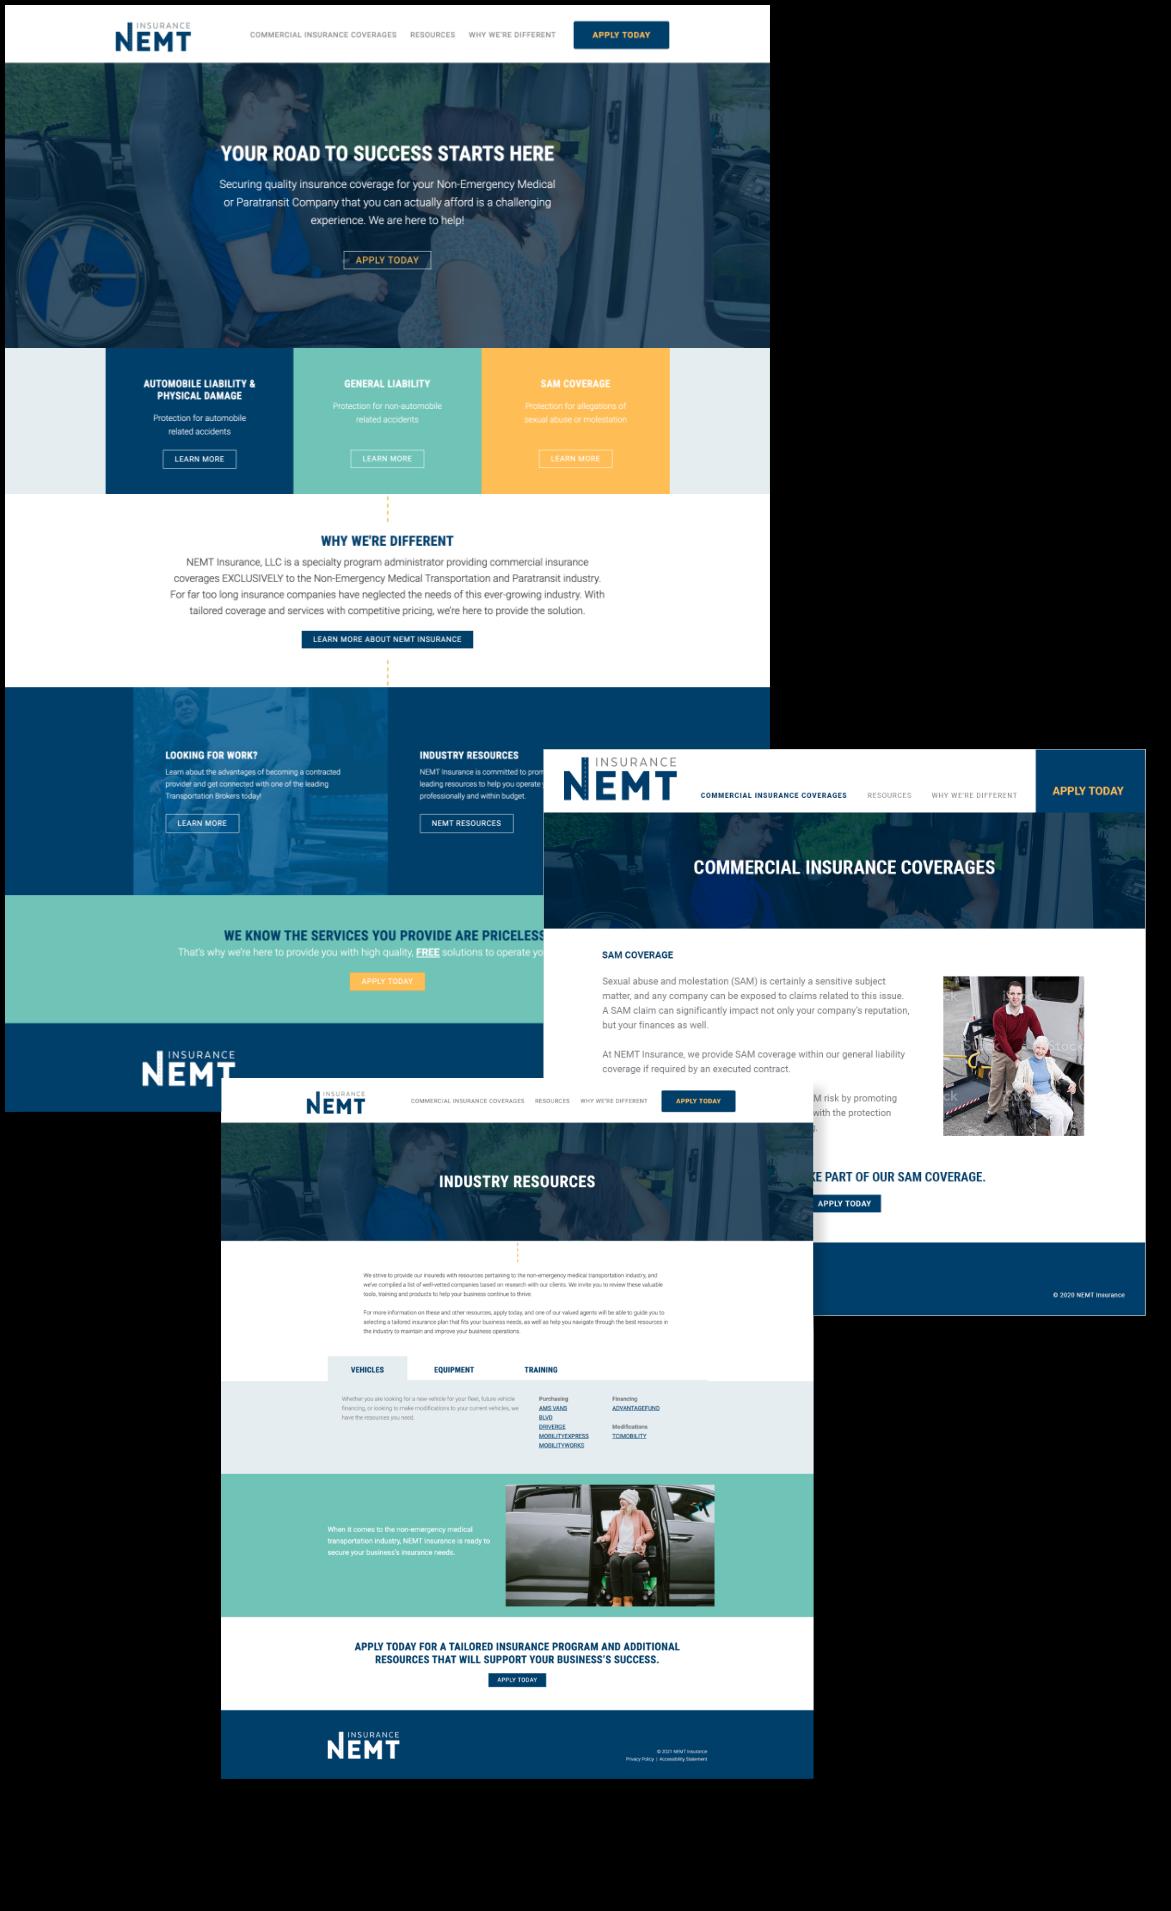 nemt-website